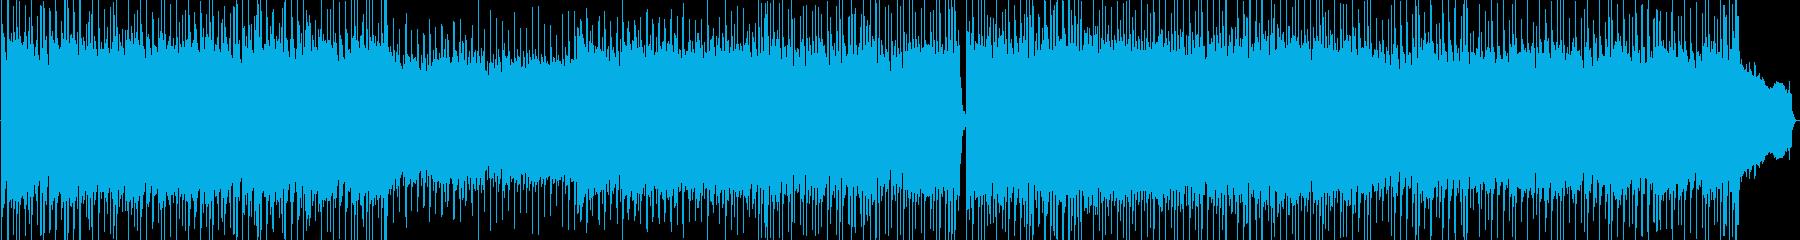 爽やかギターロック 活力あるCM、動画にの再生済みの波形